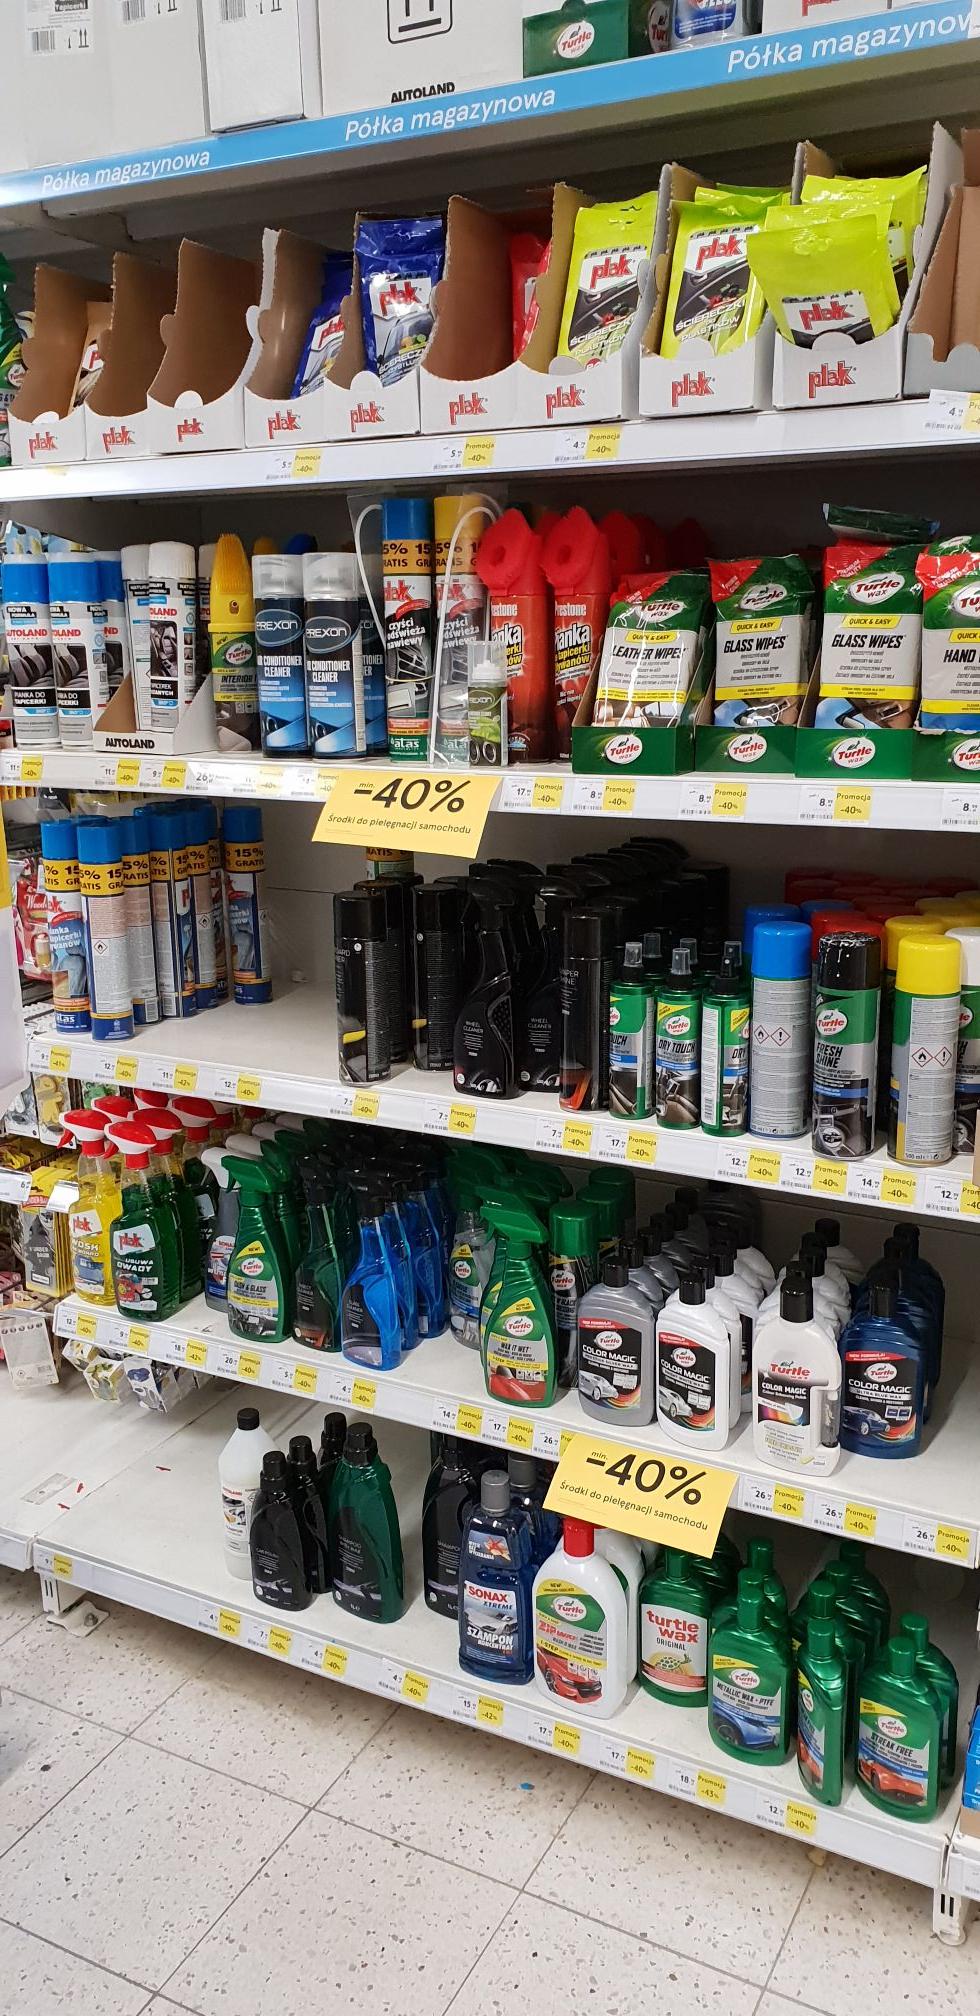 Tesco -40% Kosmetyki do pielęgnacji samochodu Turtle Wax/Plak/Autoland